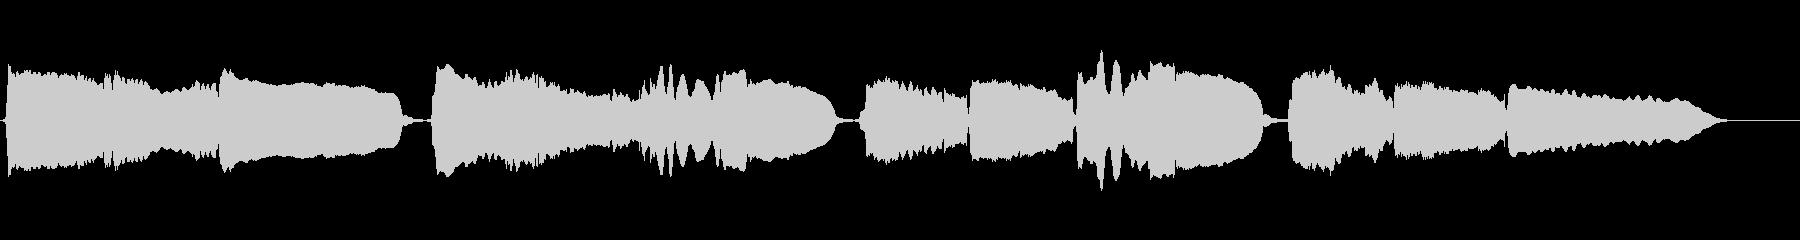 心奪われるサックスの重奏です。の未再生の波形